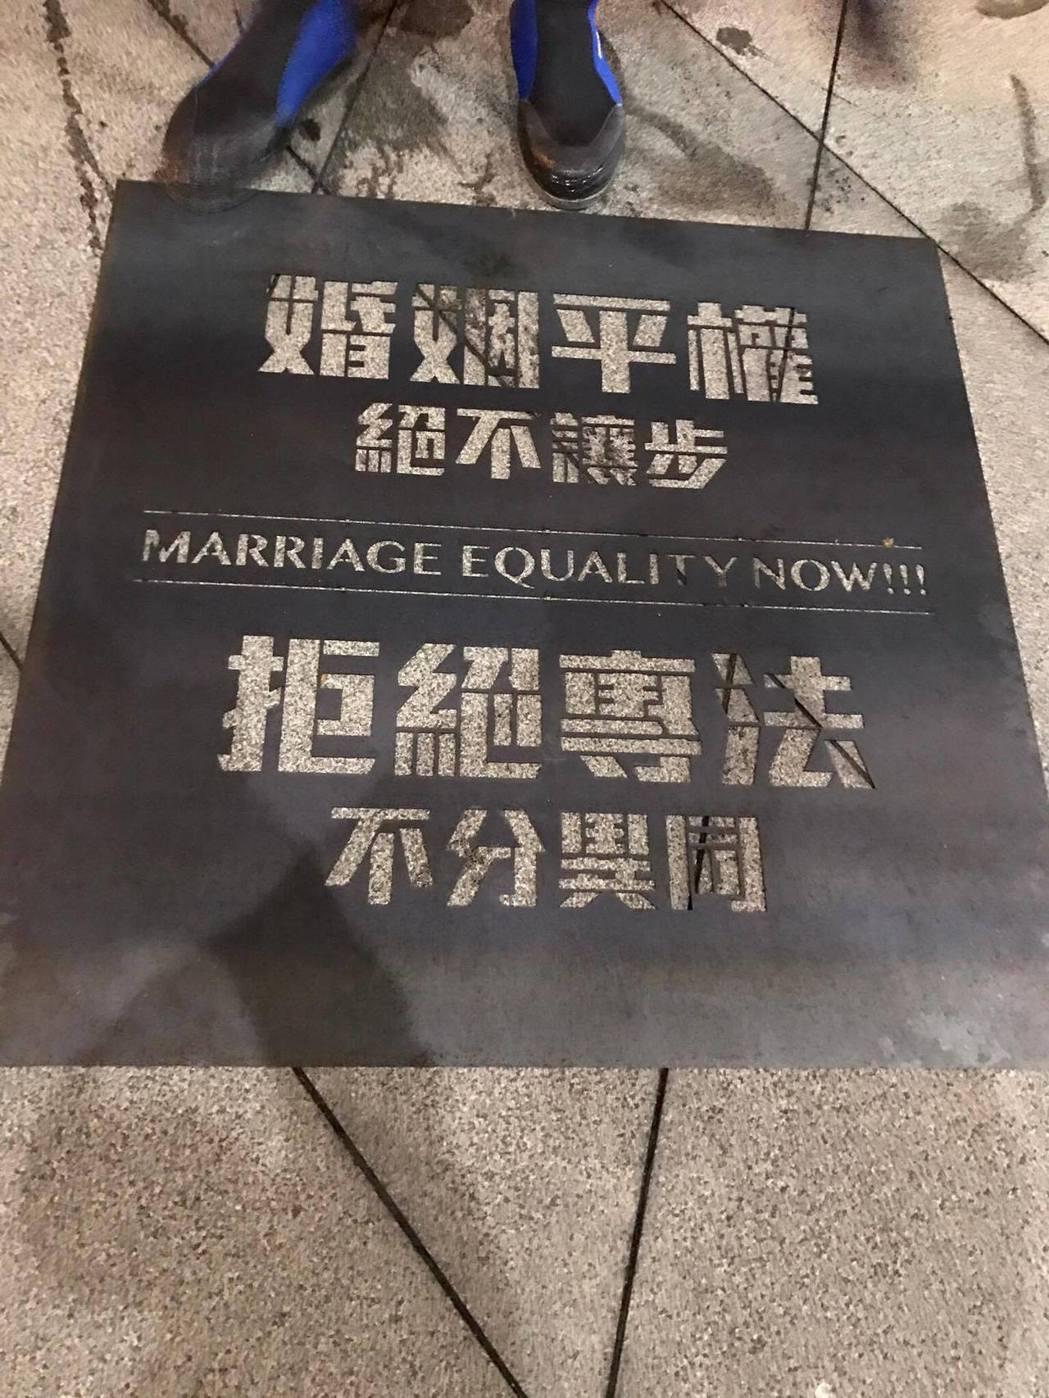 四叉貓到台北景點洗地板挺婚姻平權。圖/本人提供